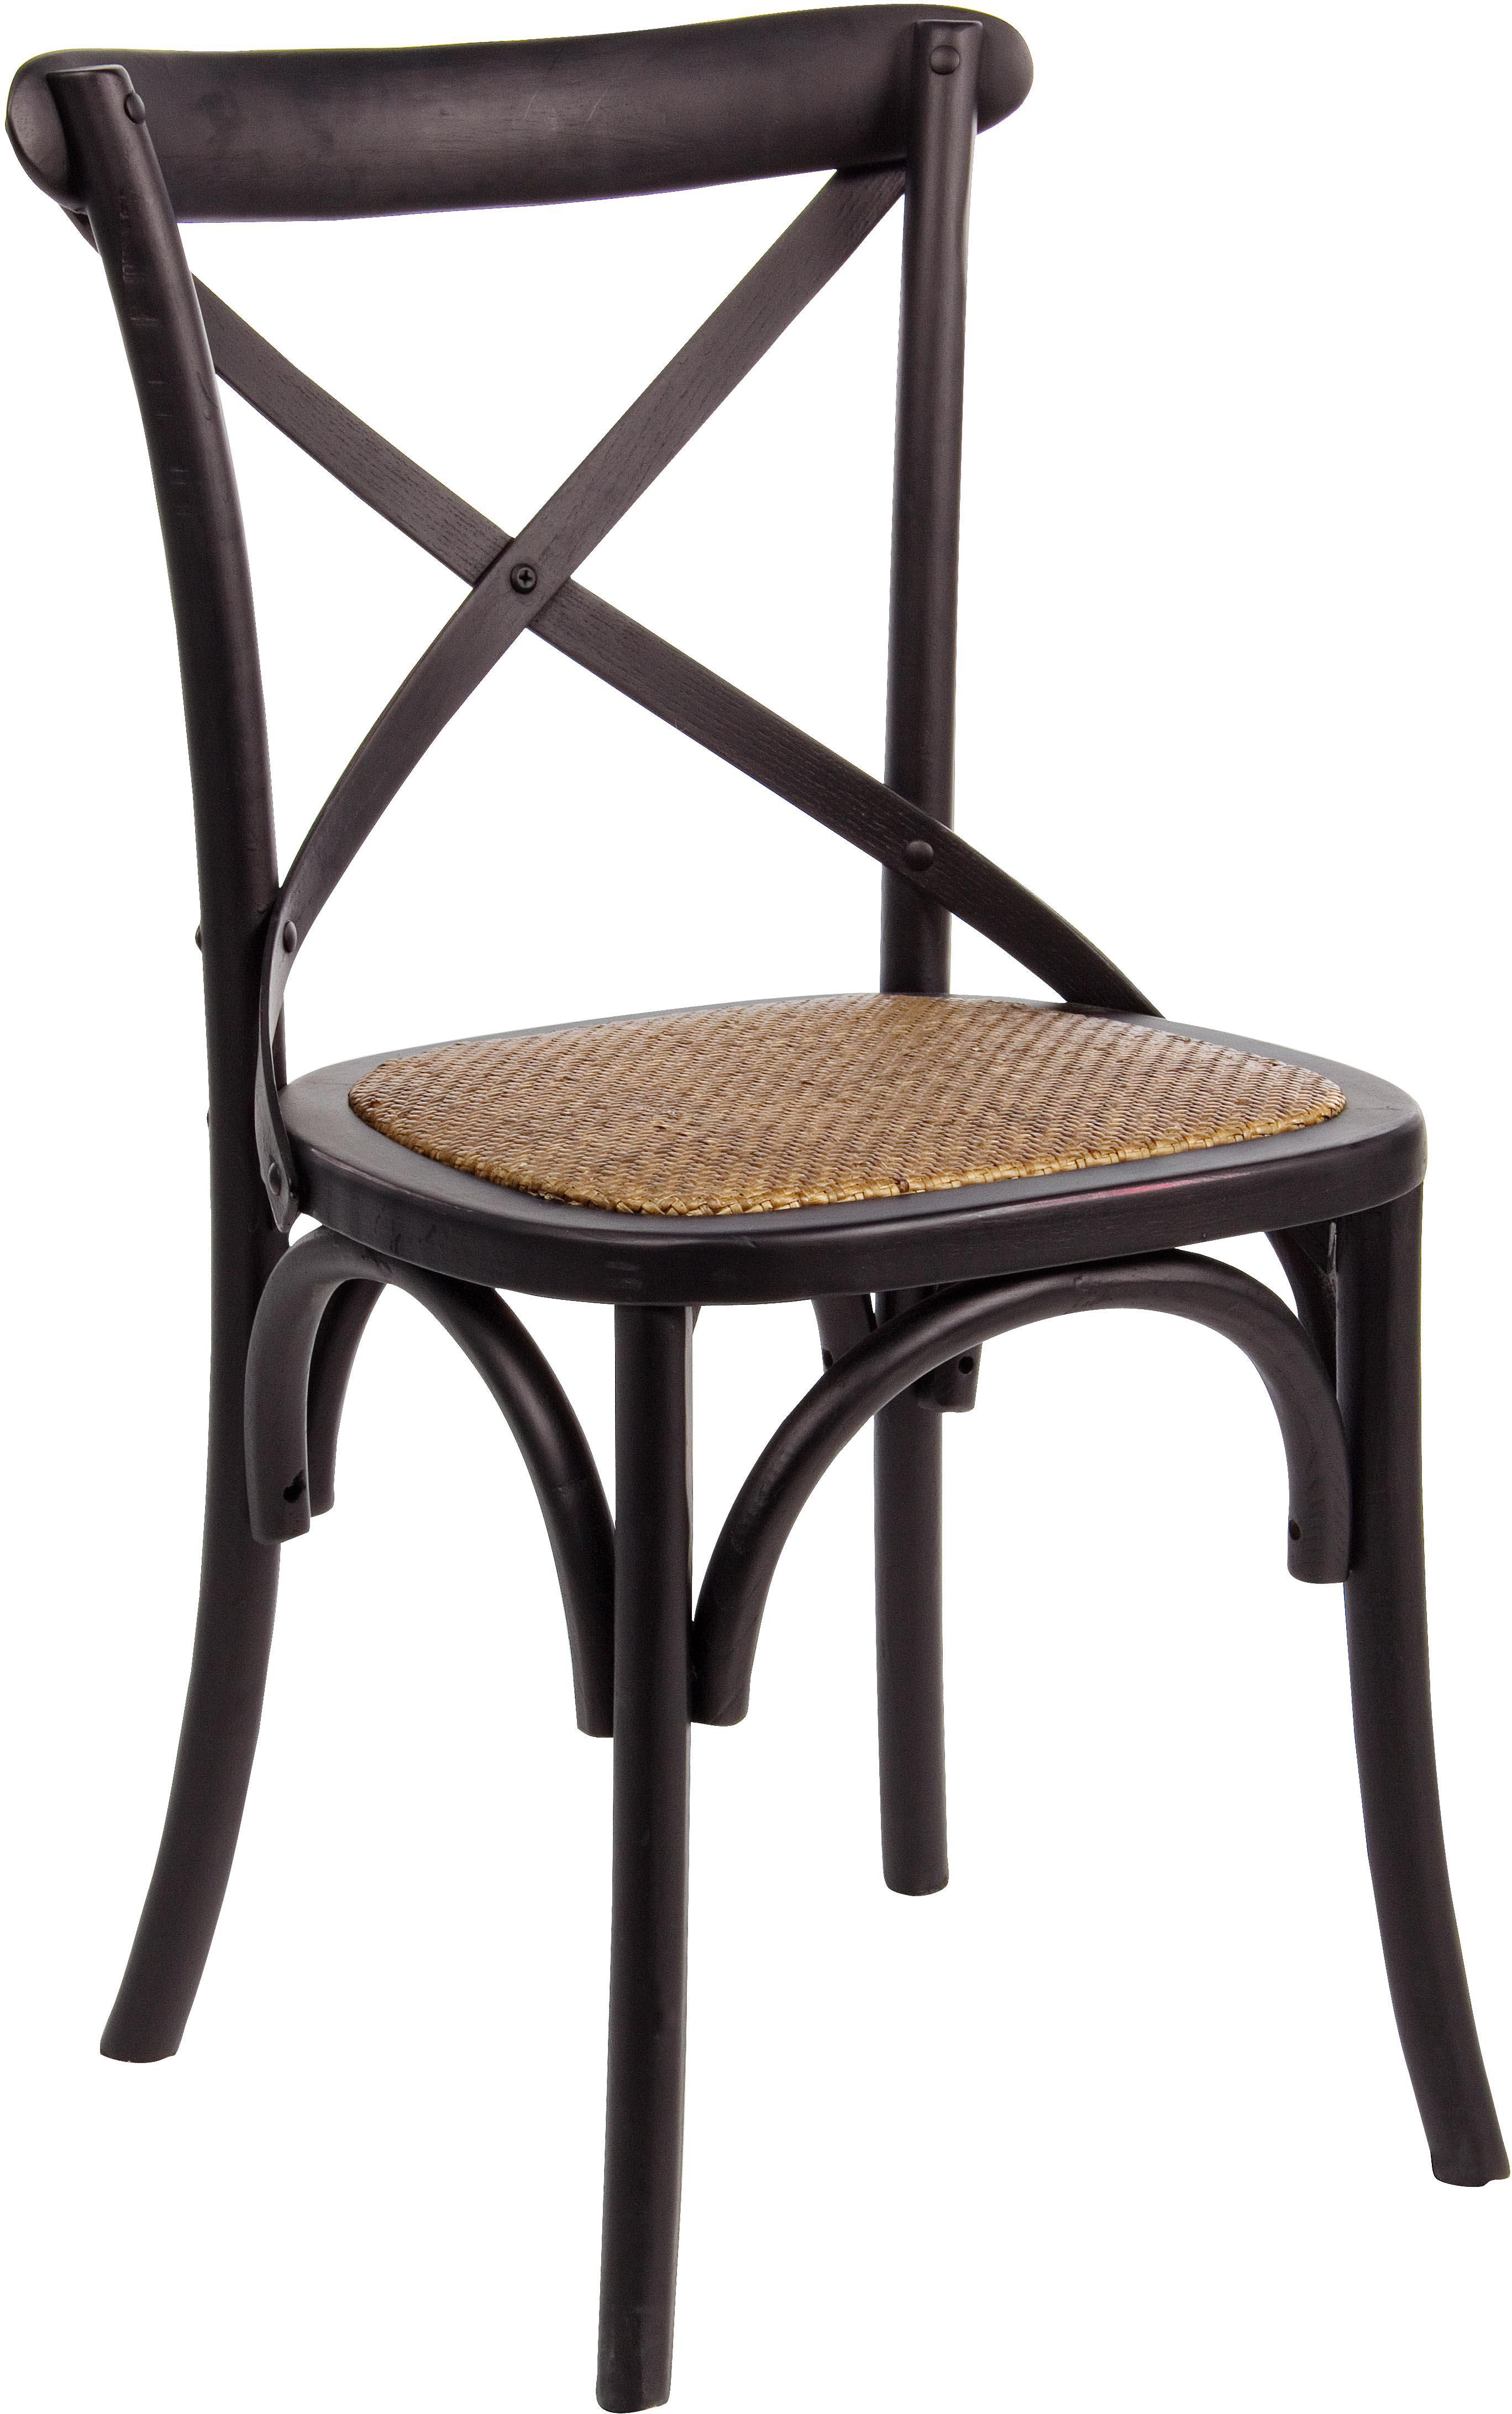 Sedia Cross, Struttura: legno di olmo, verniciato, Seduta: rattan, Struttura: nero<br>Seduta: rattan, L 42 x P 46 cm